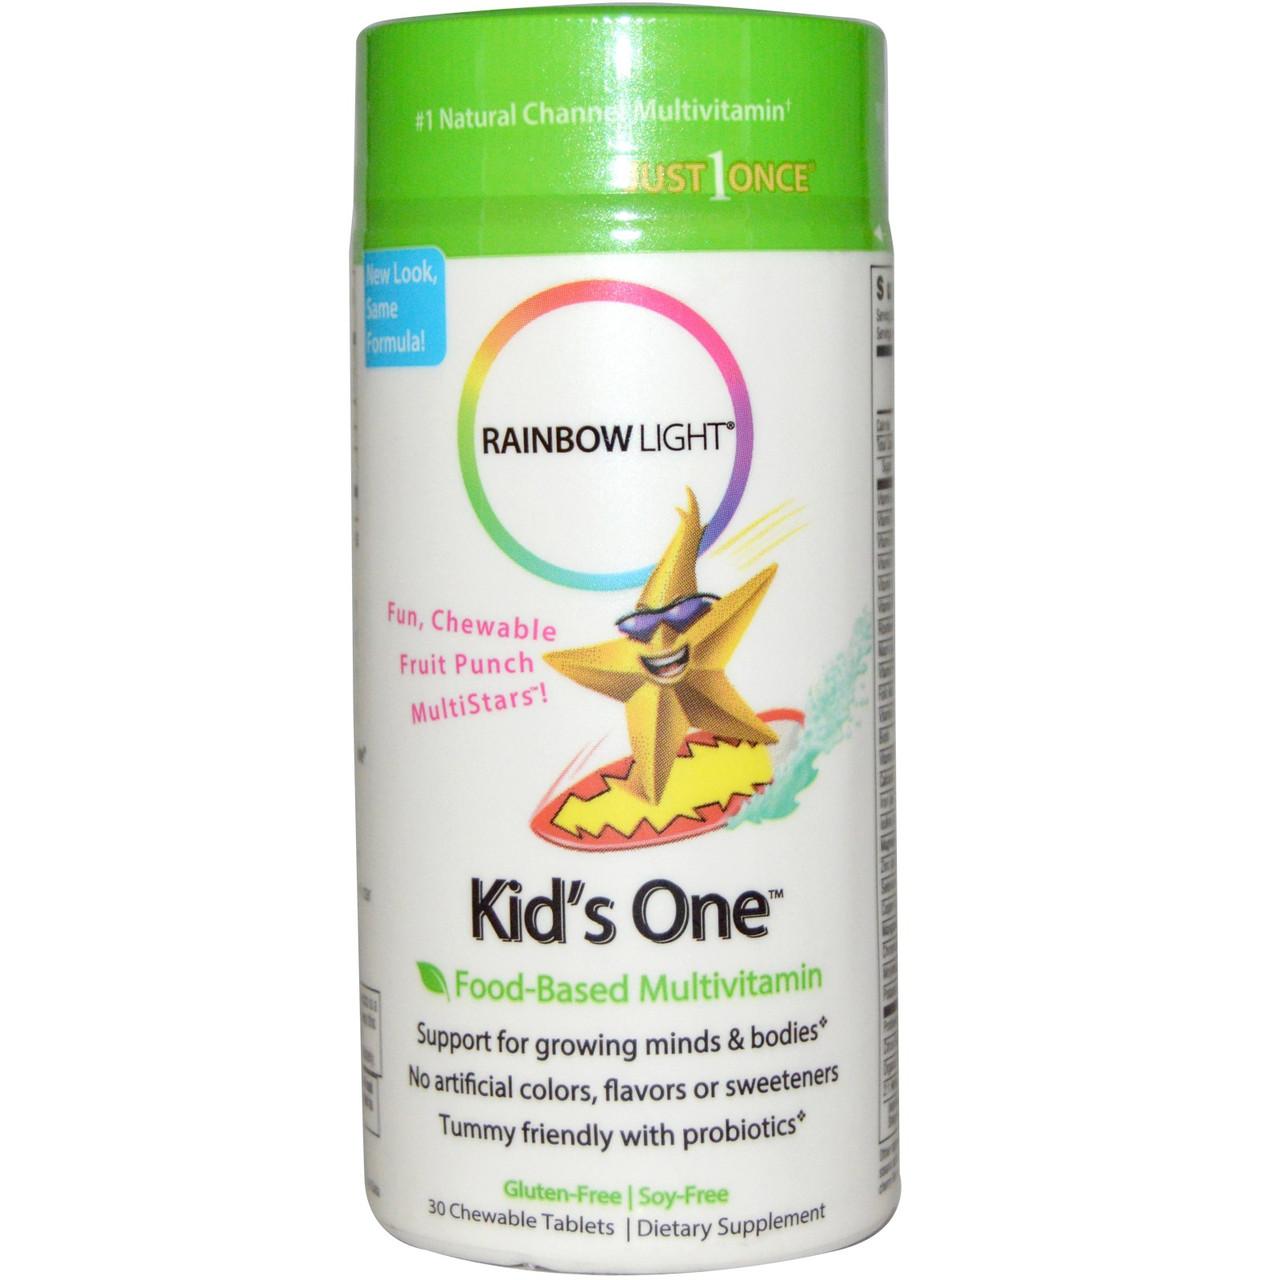 Мультивитамины для детей на фруктовой основе, Rainbow Light, Kid's One, MultiStars, 30 жевательных таблеток